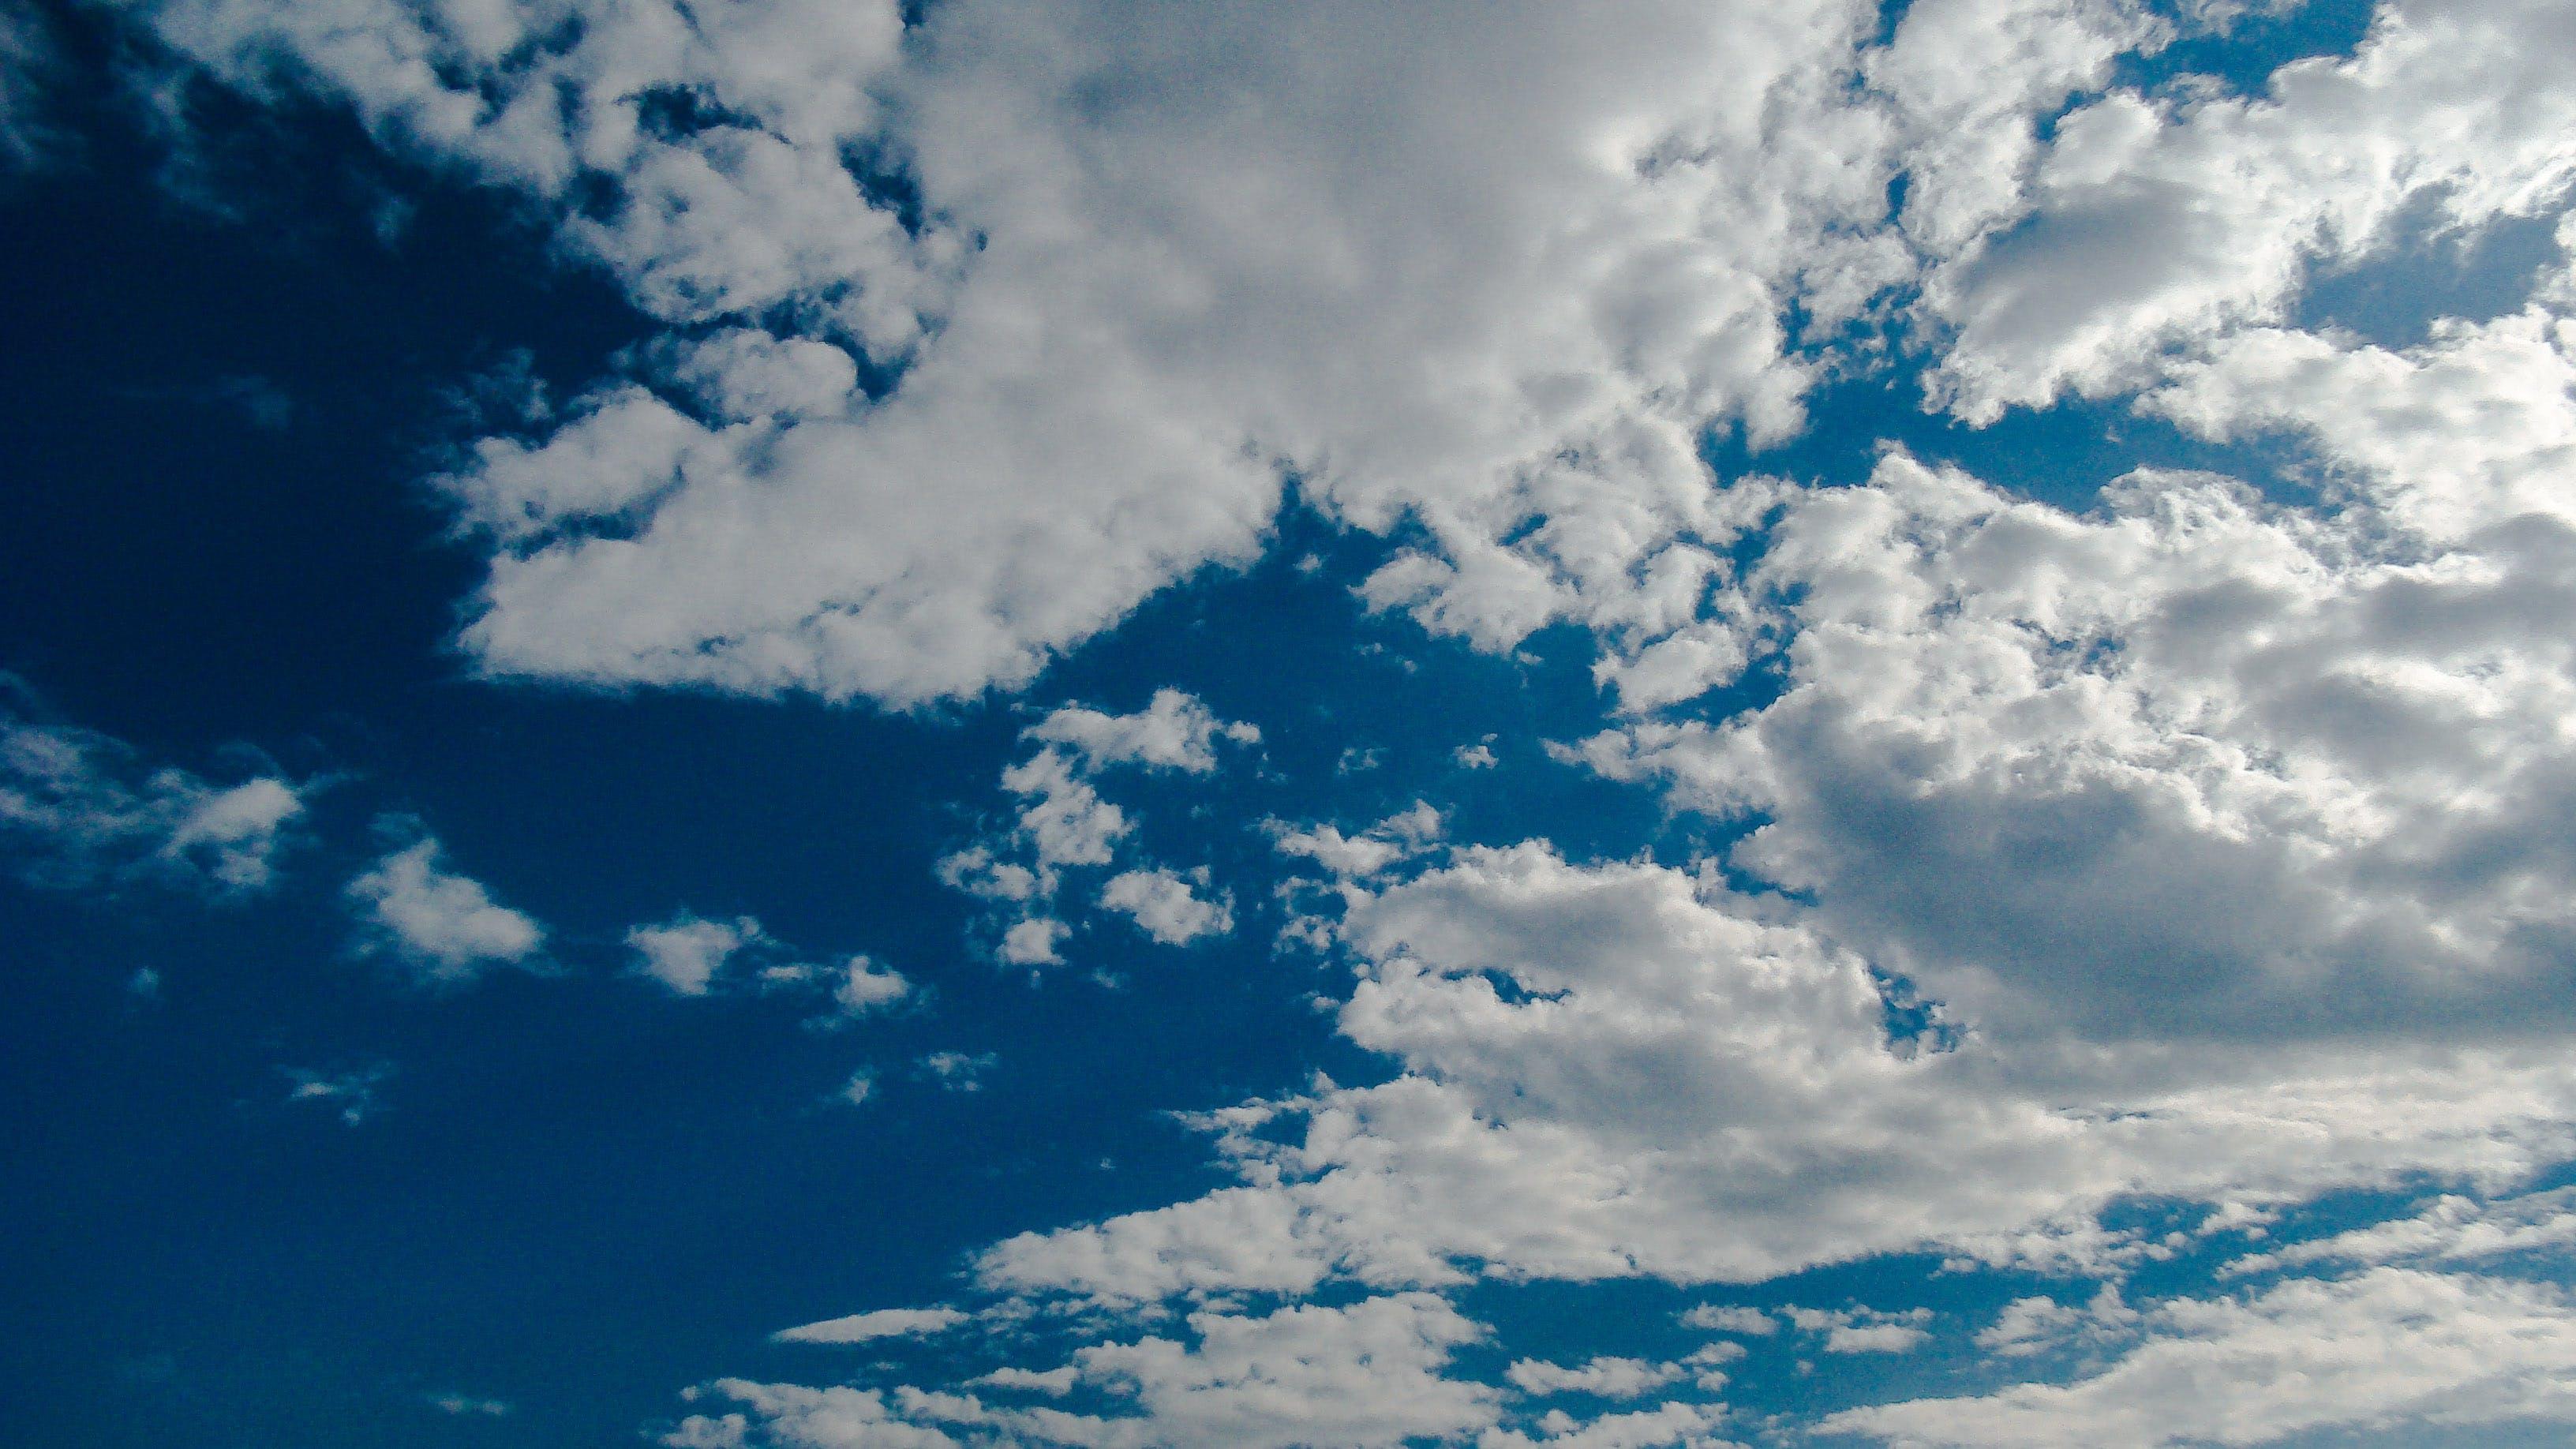 Foto d'estoc gratuïta de cel blau, núvol, núvols